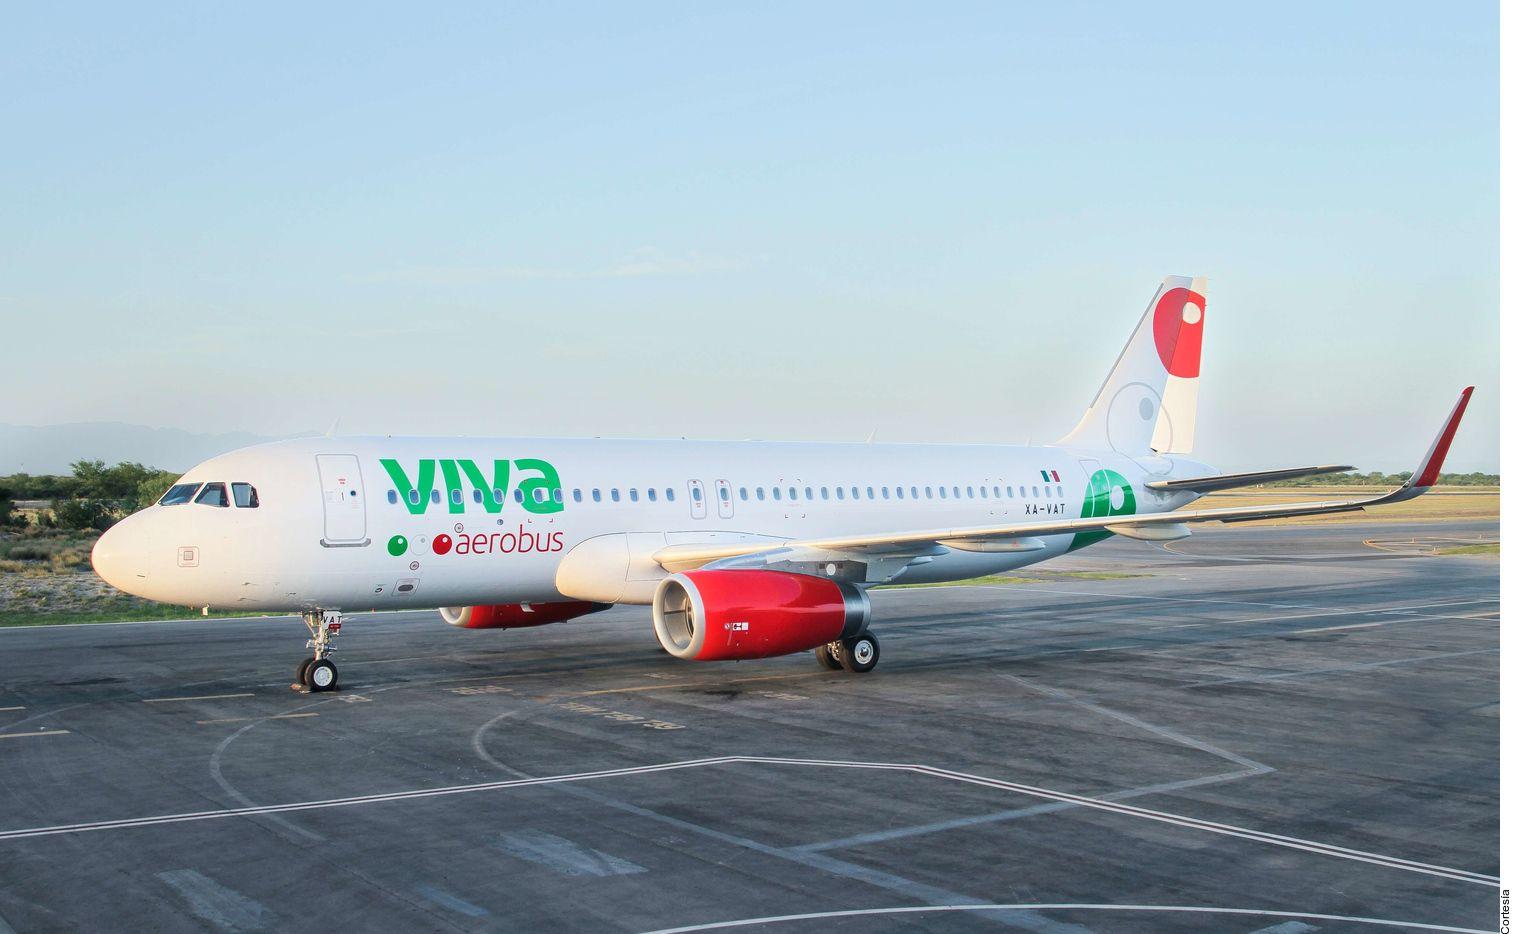 VivaAerobus también anunció la reactivación en julio de las rutas Ciudad de México - Nueva York, Guadalajara - Houston y Guadalajara - Chicago, así como el incremento en el número de vuelos para la ruta Guadalajara - Los Ángeles a finales de junio.